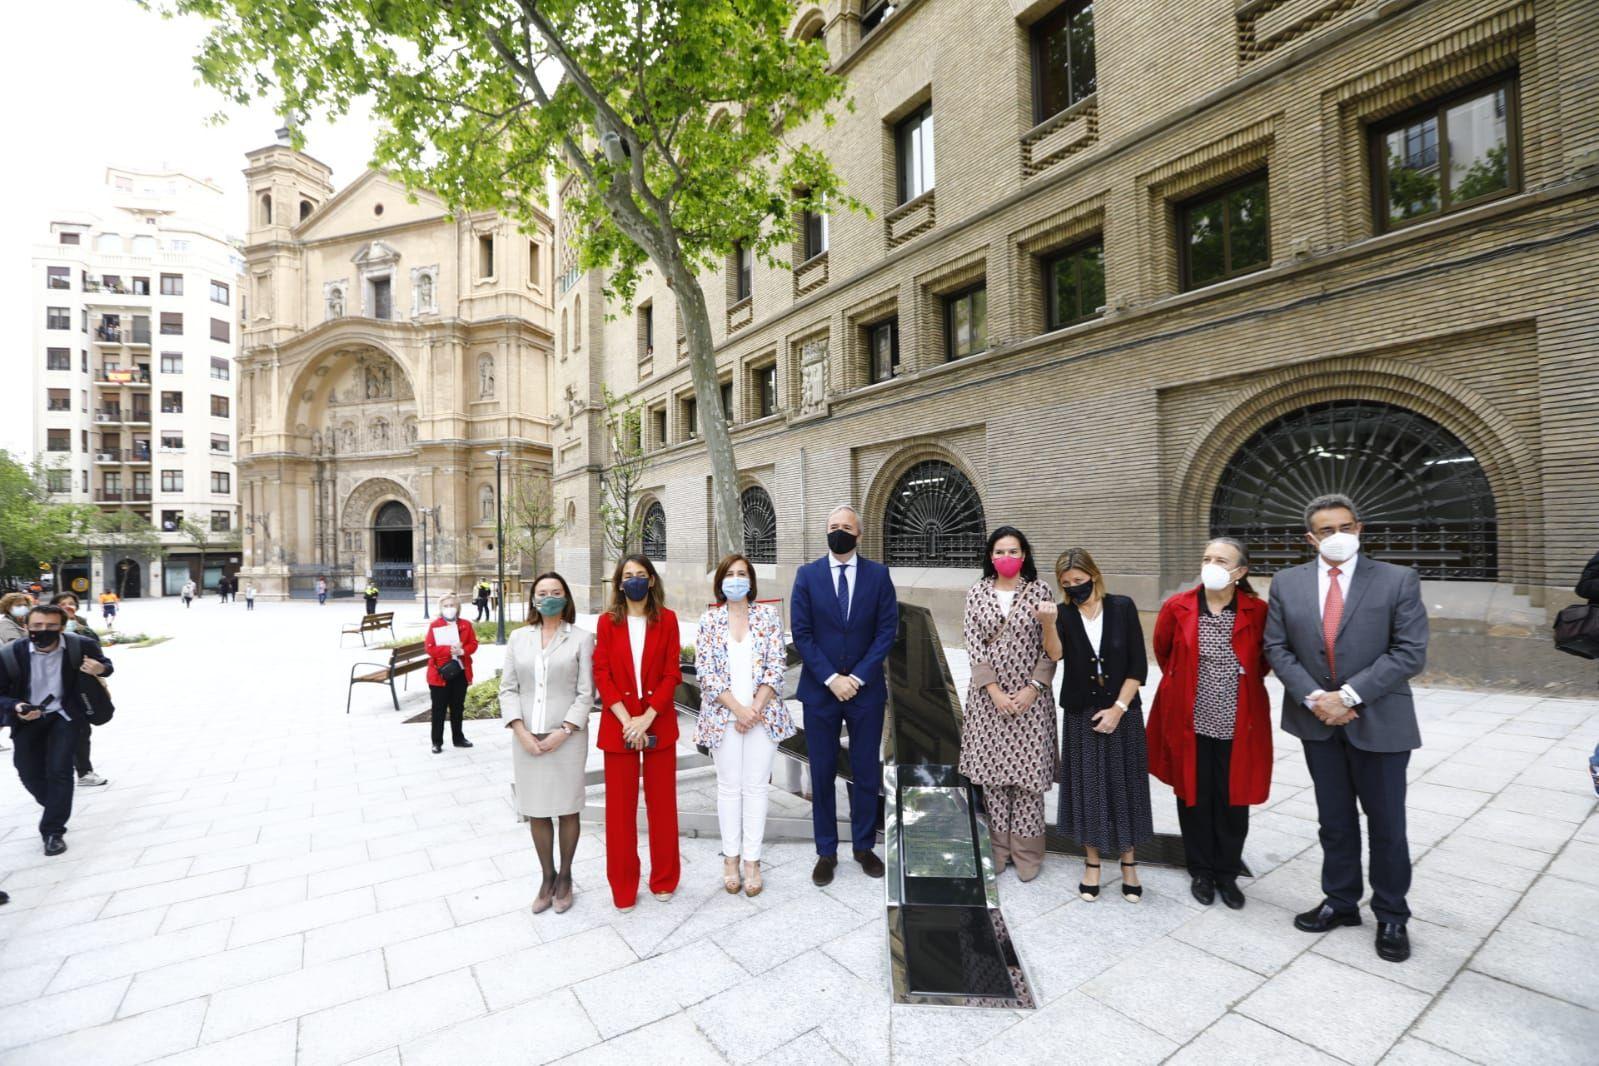 Expectación en la inauguración de la nueva plaza Santa Engracia de Zaragoza